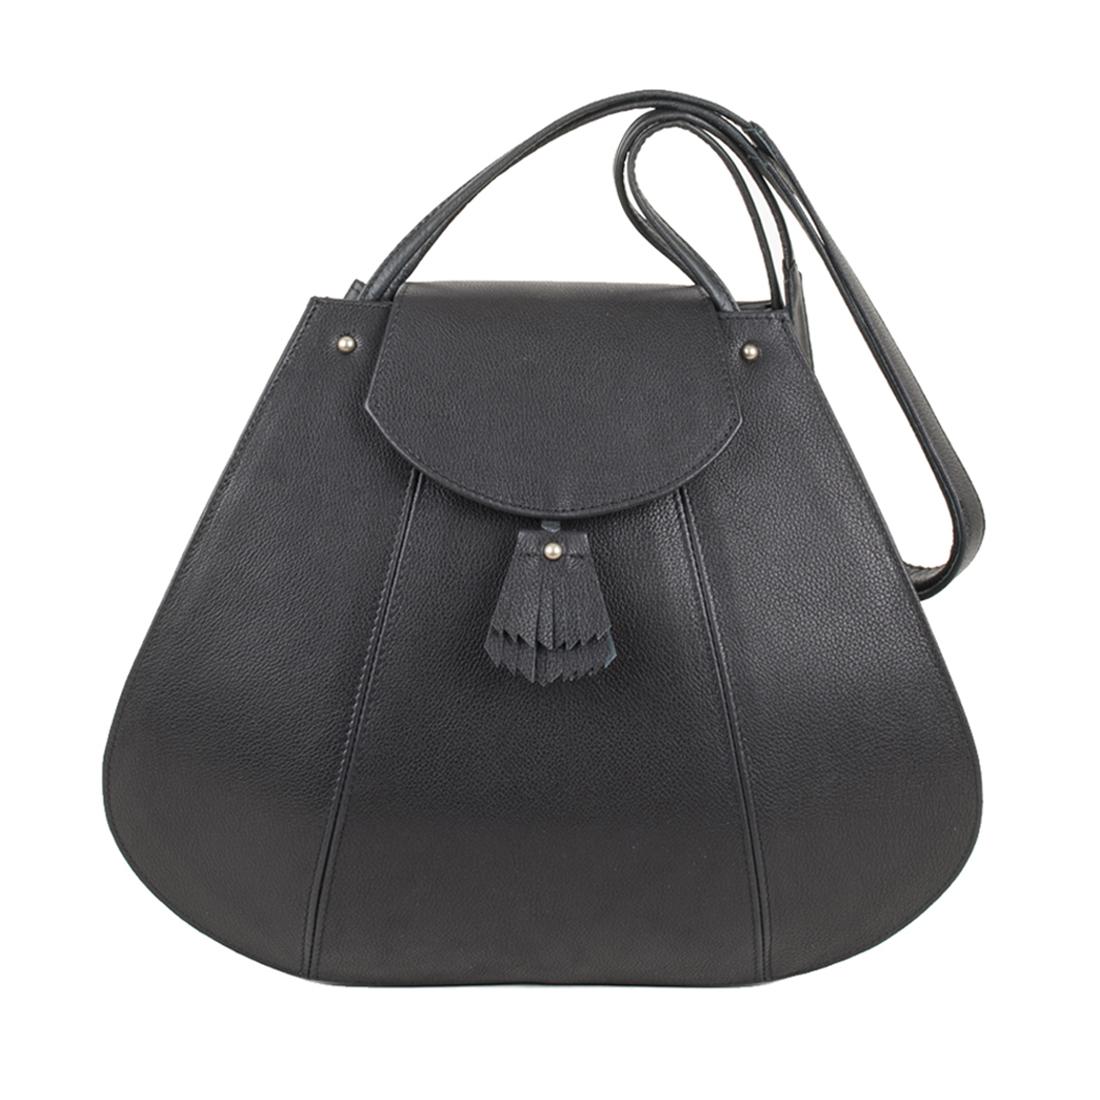 Frances Black Leather Shoulder Bag